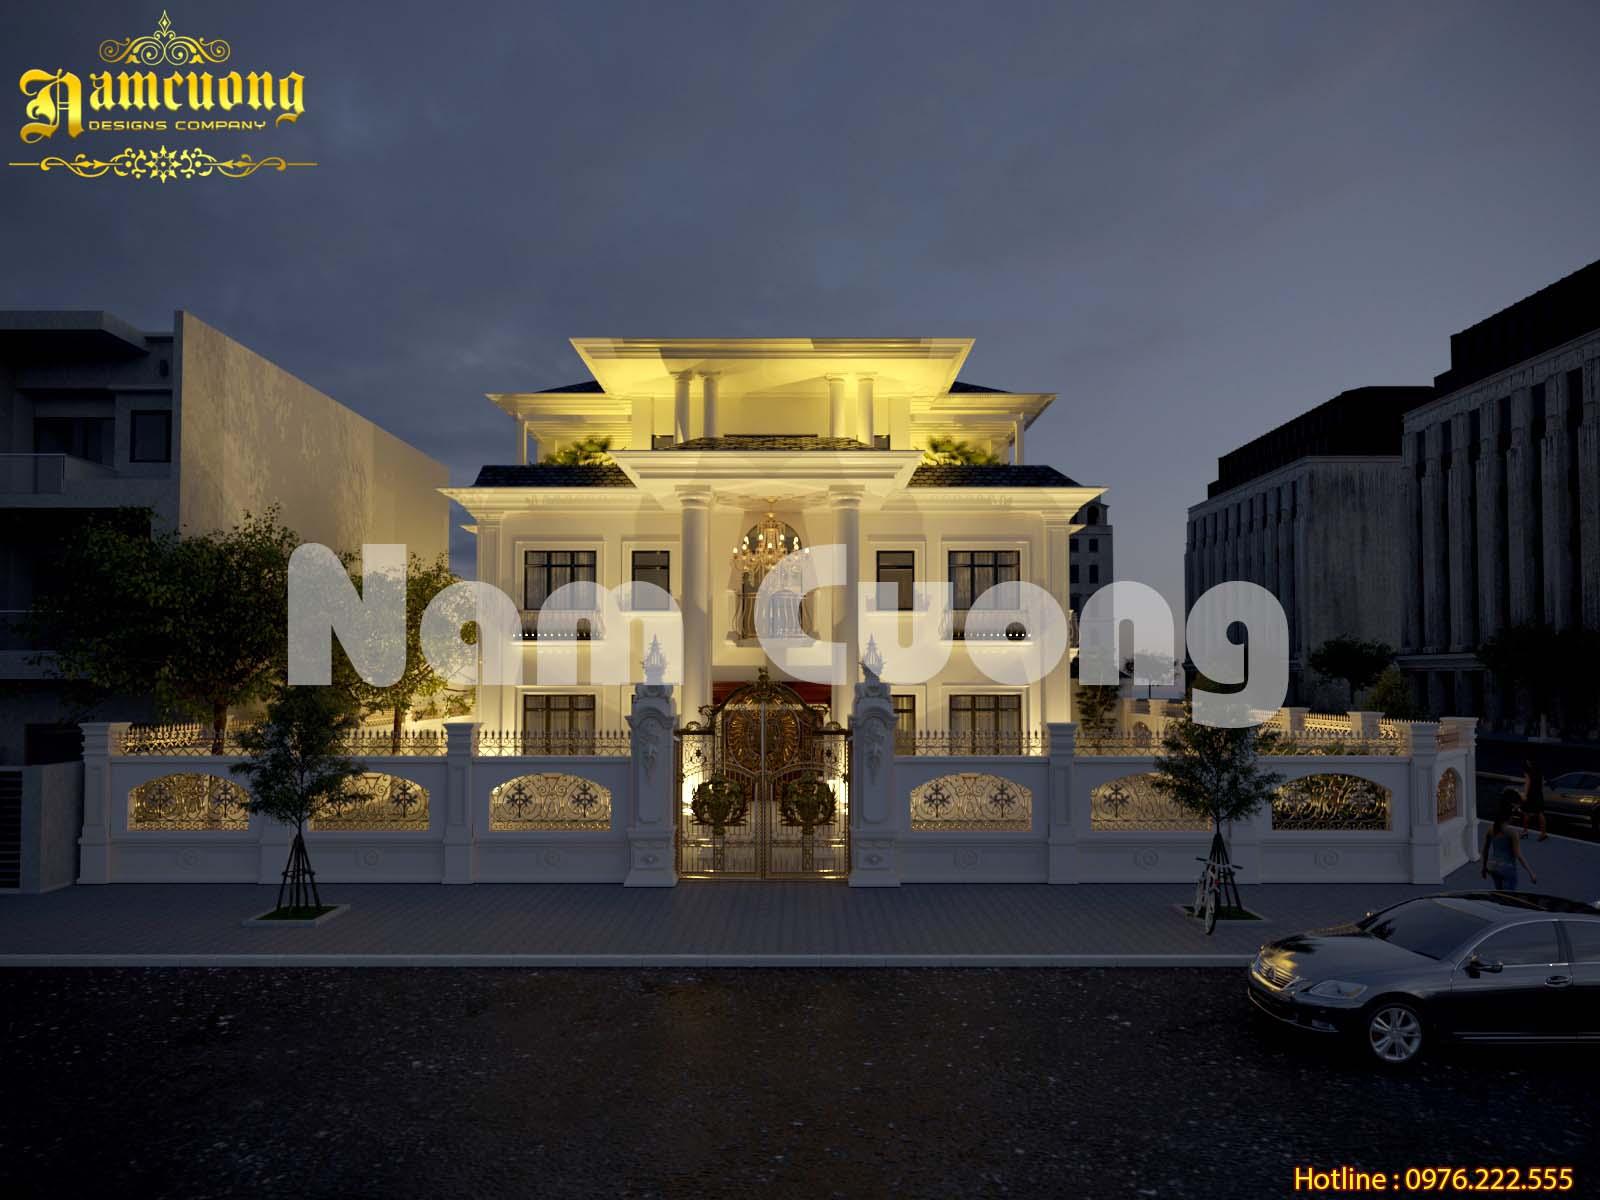 Mẫu thiết kế biệt thự tân cổ điển 3 tầng đẹp tại Quảng Bình